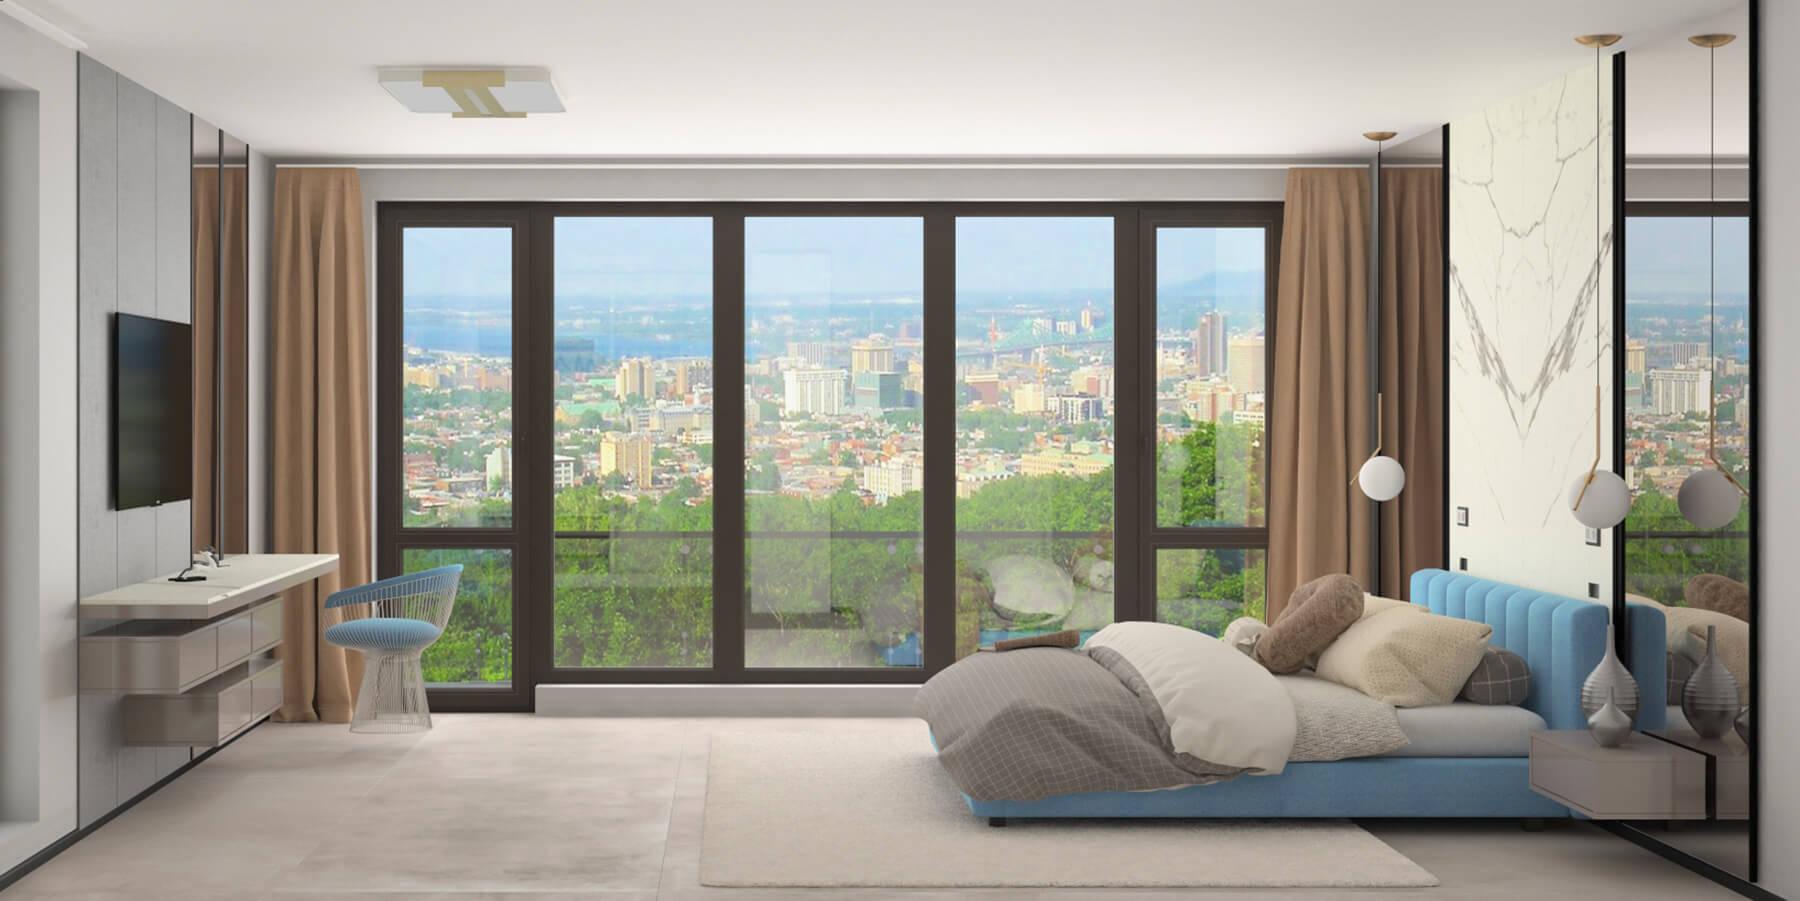 interioren-dizain-proekt-esteta-interiori-design-2 (2)